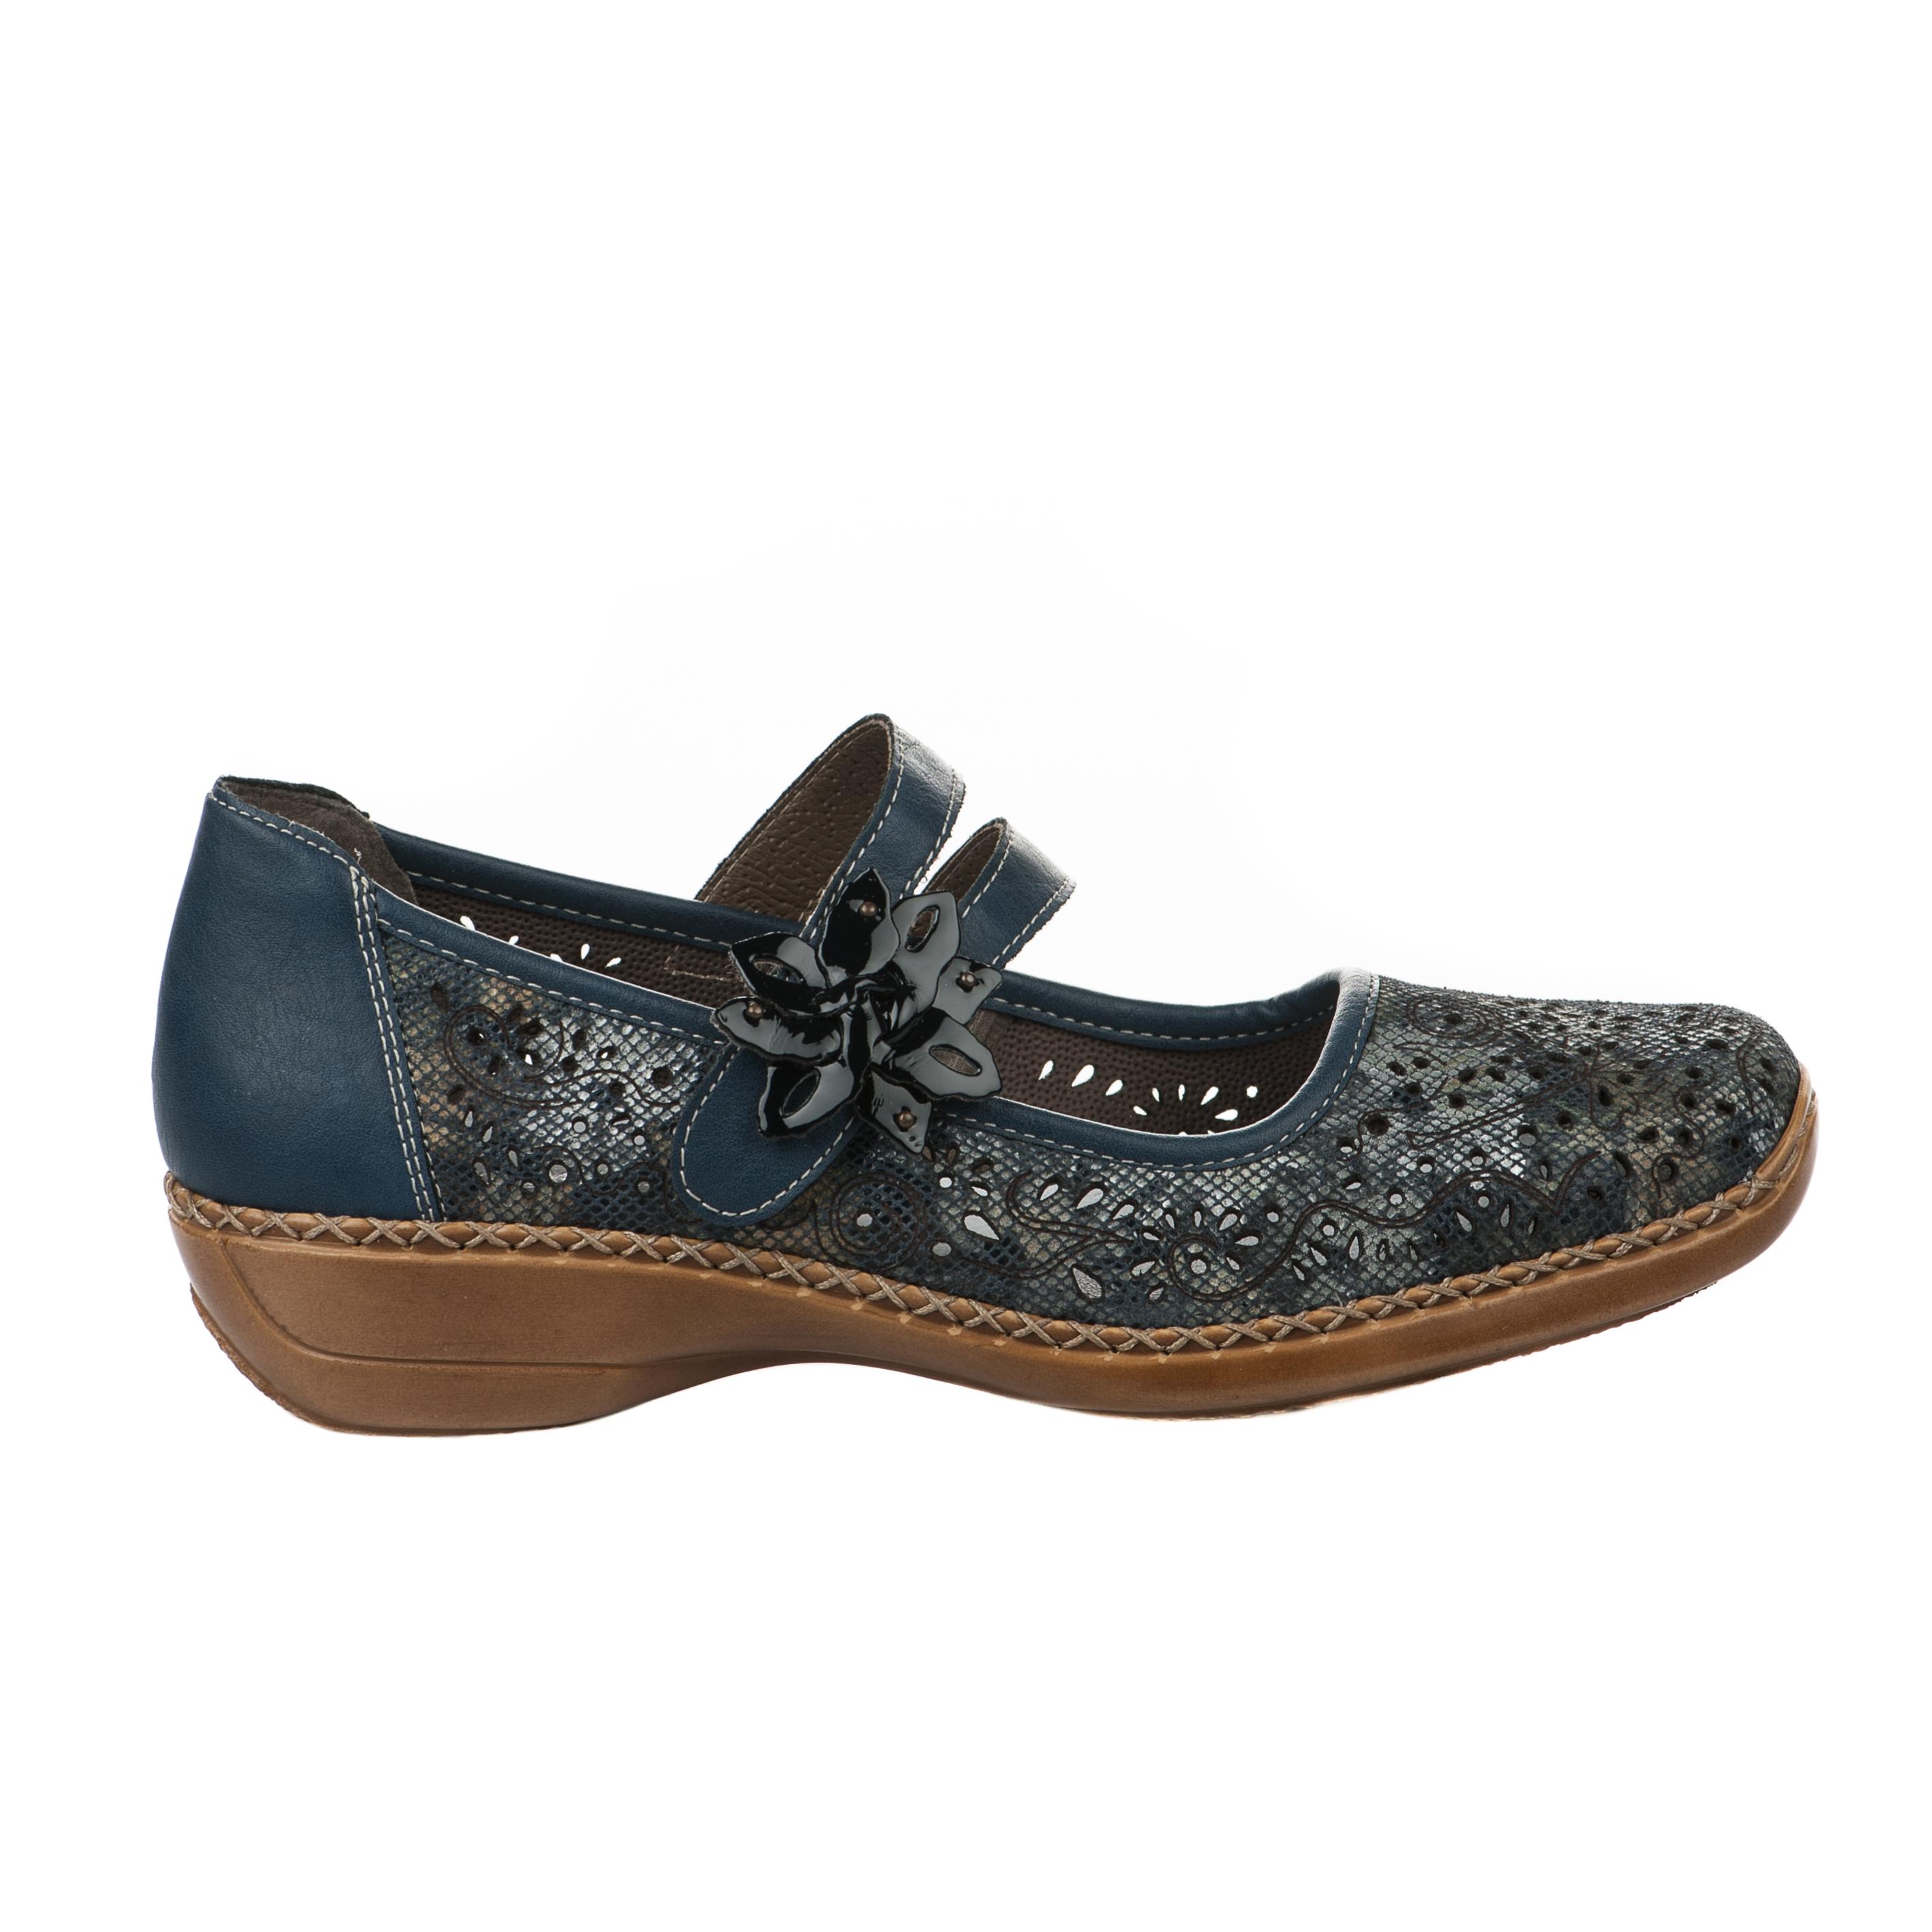 Chaussures de confort femme - rieker - bleu